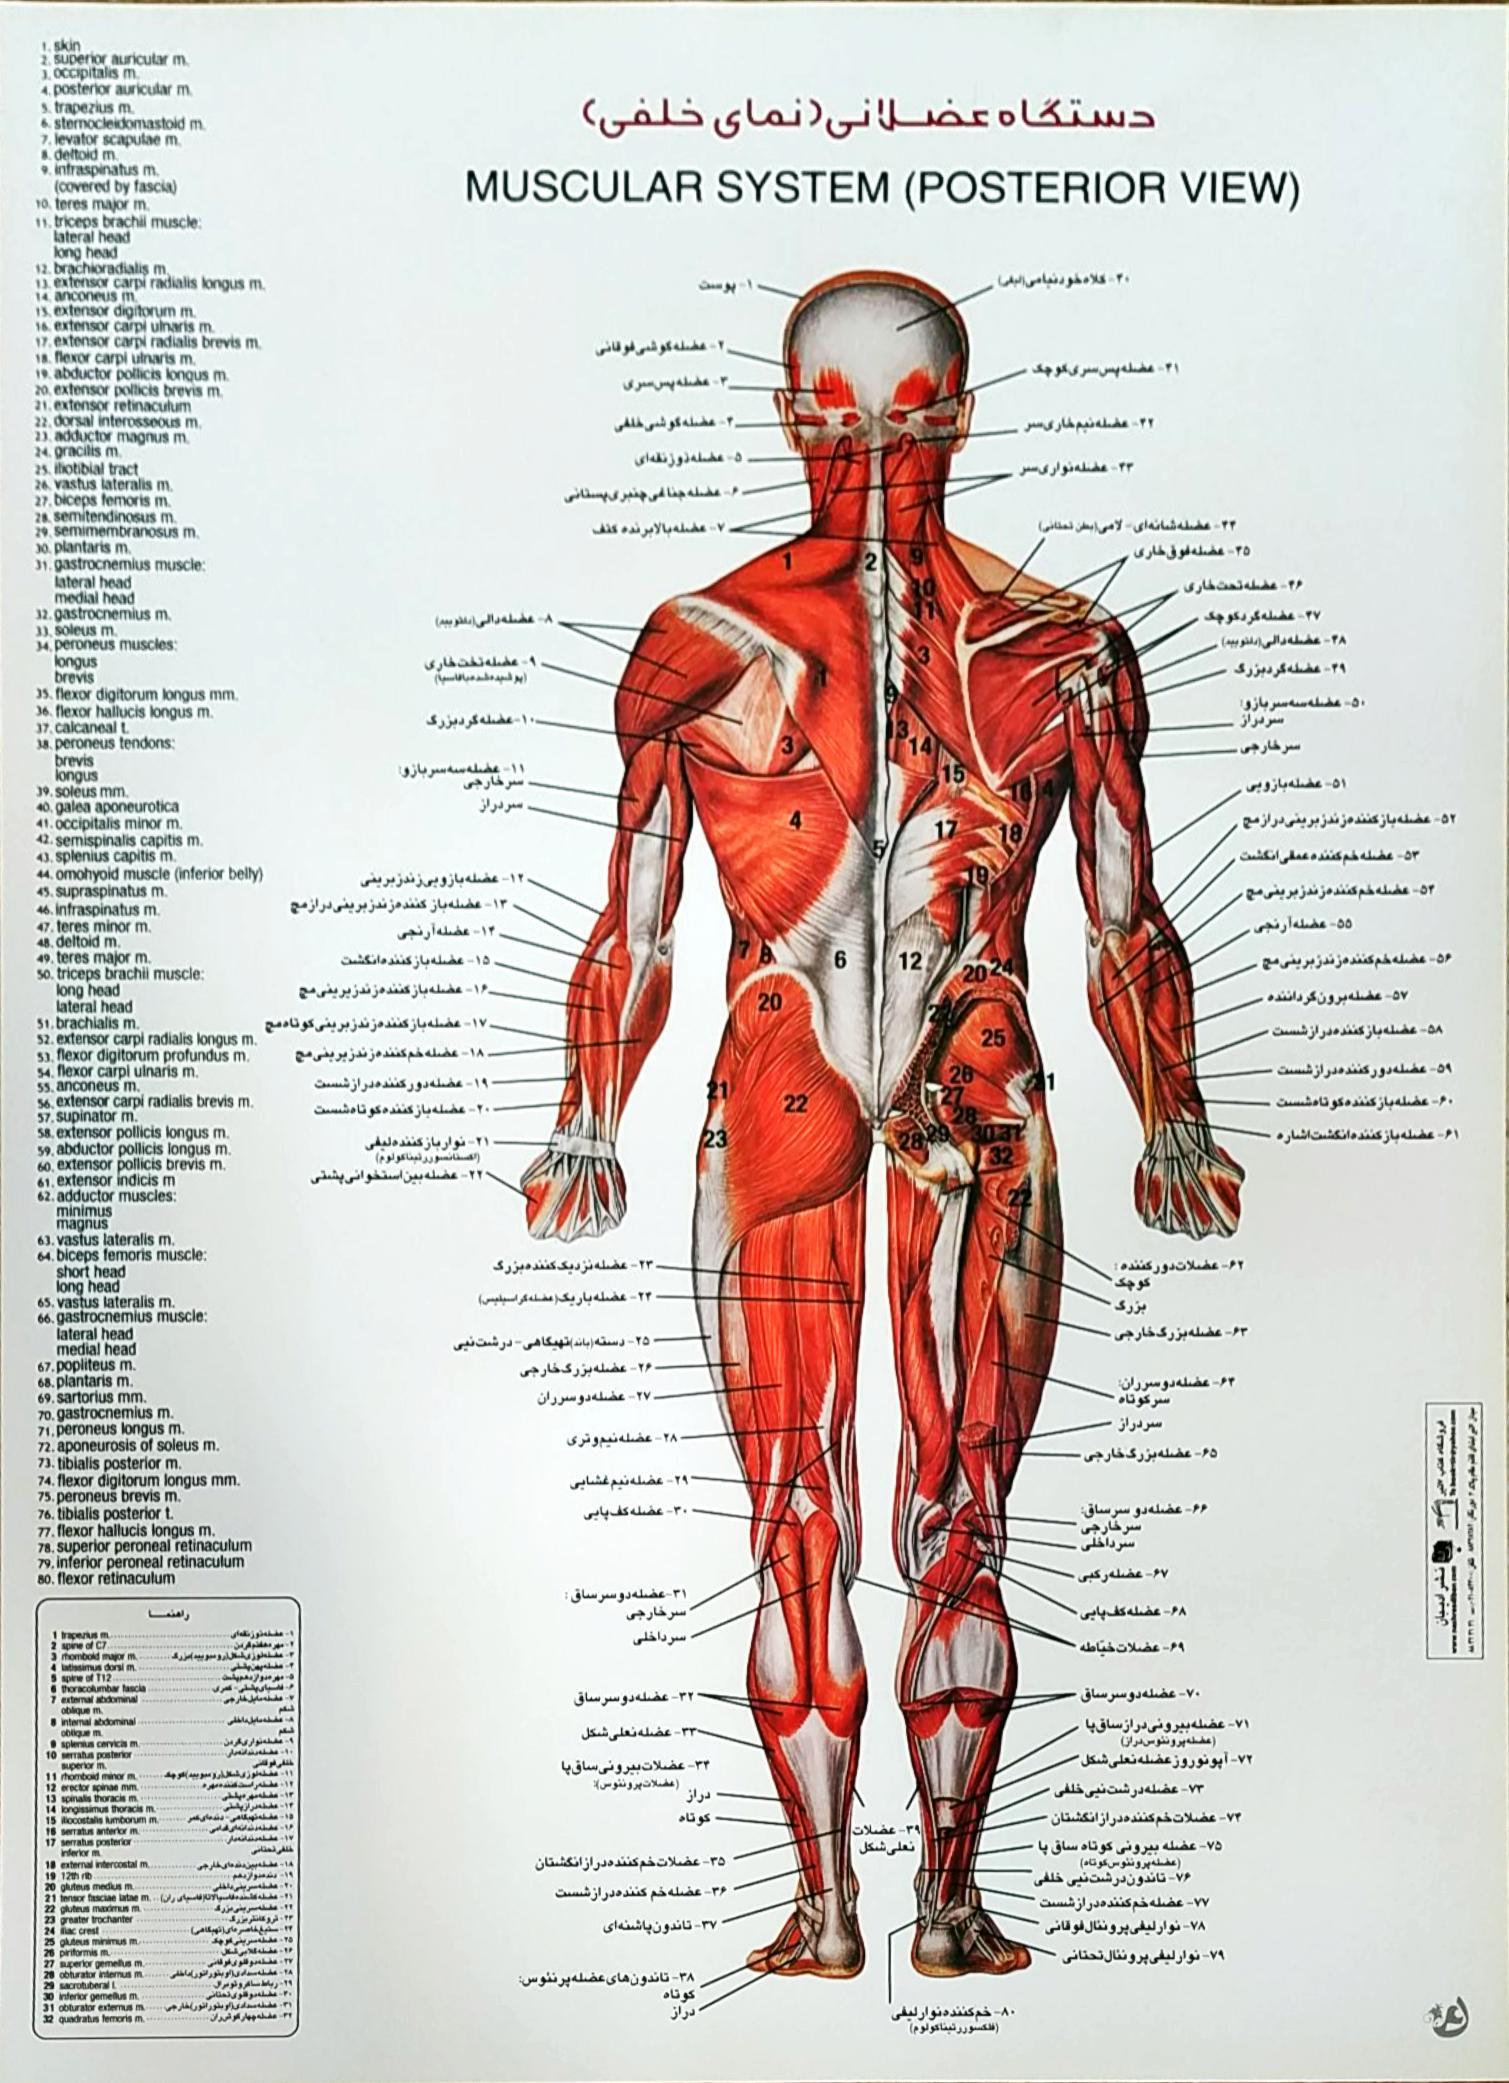 پوستر دستگاه عضلانی (نمای خلفی)